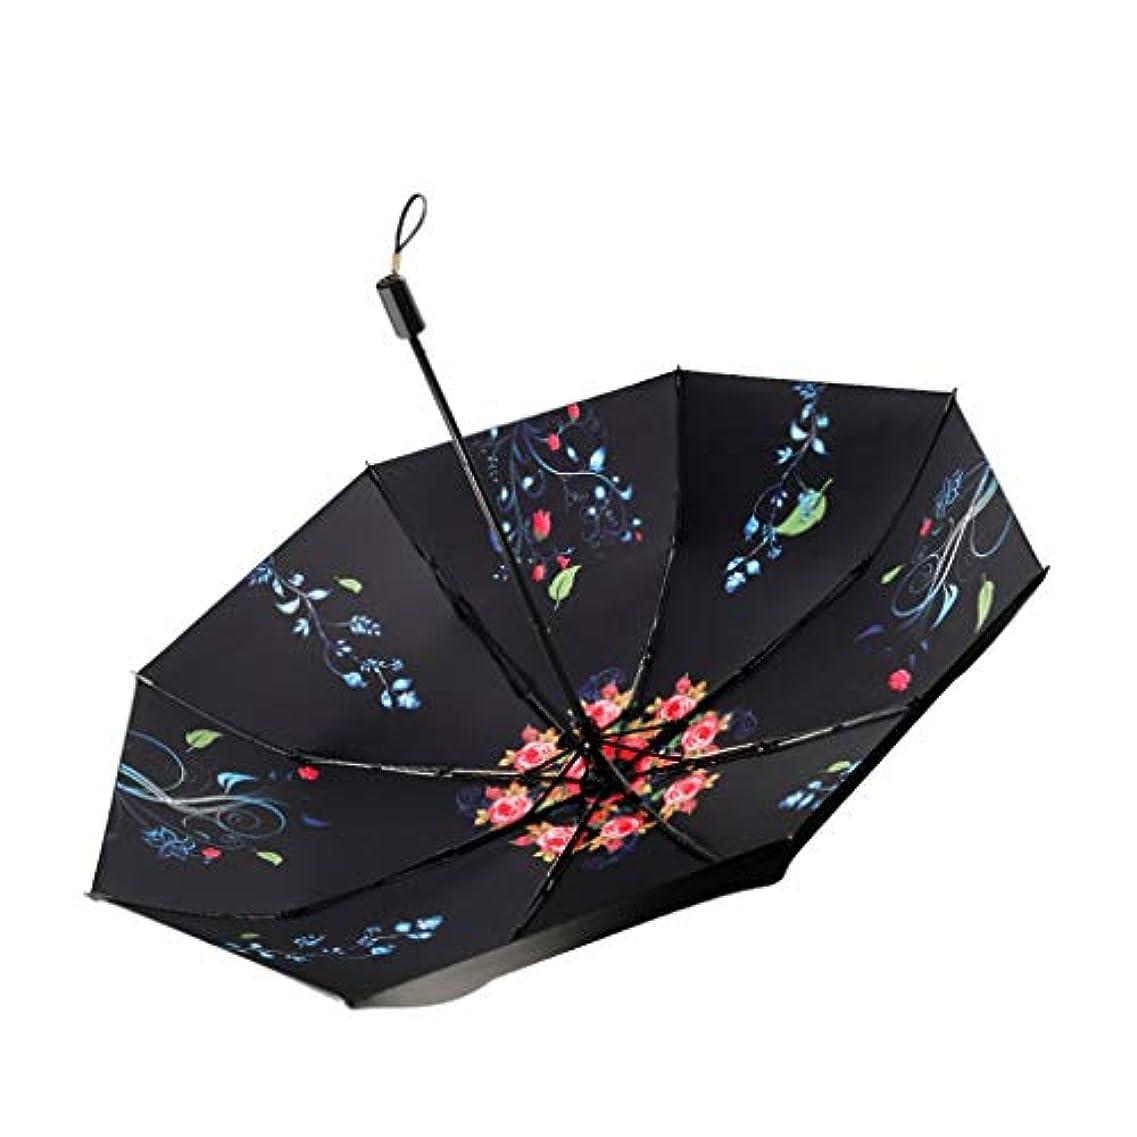 取り替える乳戦闘ポケット傘折りたたみ傘旅行傘太陽の傘UVプロテクション、マルチカラーオプション、さまざまなオプション Huhero (Color : A)